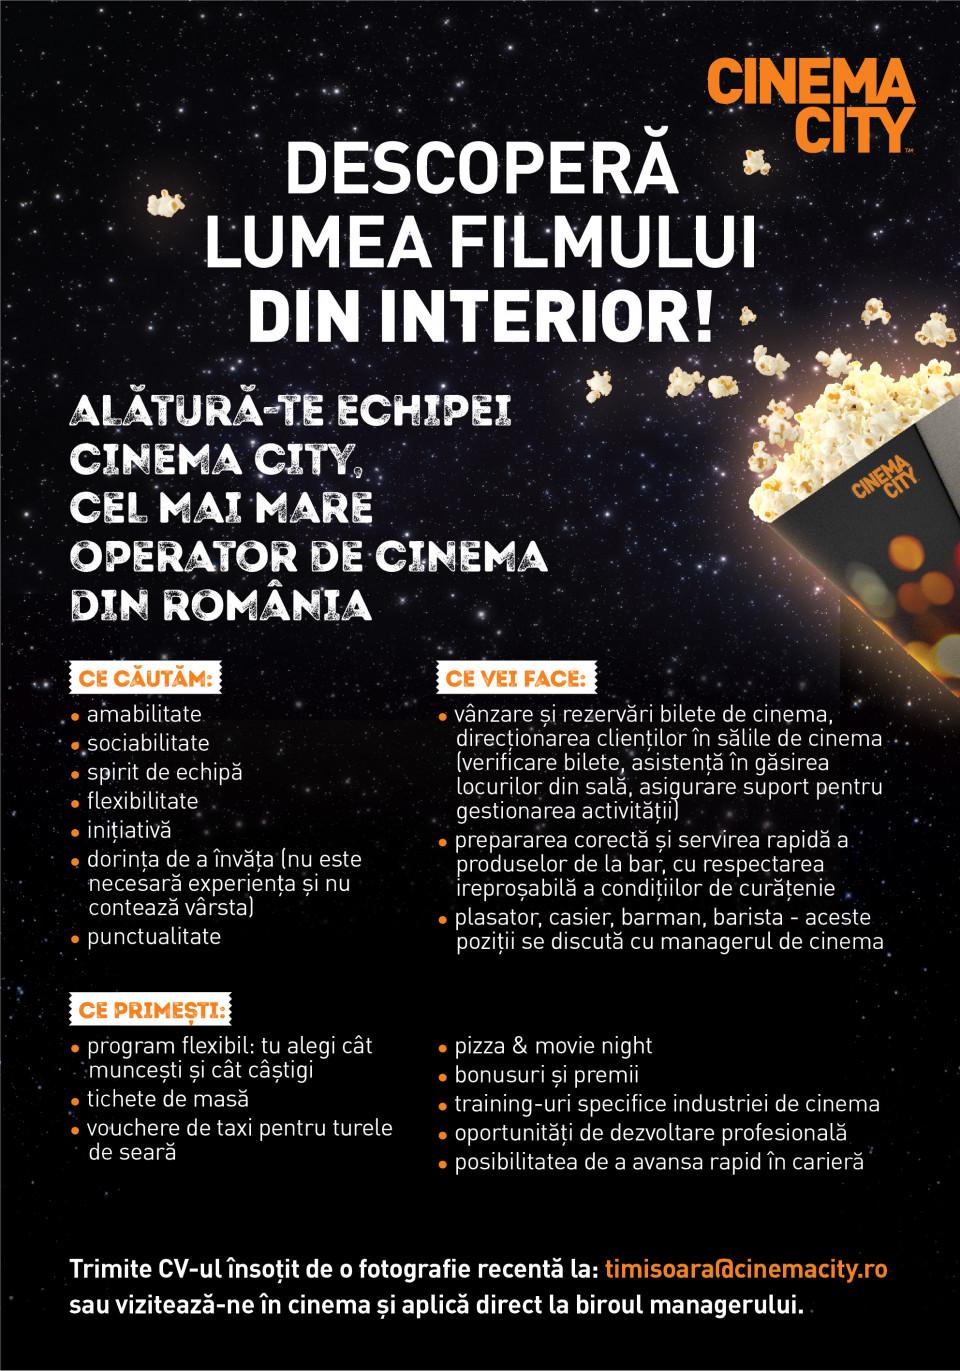 DESCOPERĂ LUMEA FILMULUI DIN INTERIOR!  Alătură-te echipei Cinema City, cel mai mare operator de cinema din România.  Cum ne dorim sa fie noul nostru coleg:  Cu atitudine pozitivă Dornic să învețe (nu este necesară experiența și nu contează vârsta) Punctual Cu bune abilități de comunicare și relaționare Amabil Să îi placă să lucreze în echipă Determinat Cu inițiativă Căutăm colegi care să descopere cu entuziasm lumea filmului din interior pentru următoarele roluri  Barman / Barista / Casier / Plasator  În funcție de rolul potrivit pentru tine, responsabilitățile generale ar putea fi:  - vânzarea de bilete și rezervări bilete de cinema, direcționarea clienților în cinema (verificare bilete, asistență în găsirea locurilor din sală, asigurare suport pentru gestionarea activității);  - preparea corectă și servirea rapidă a produselor de la bar sau cafenea, cu respectarea ireproșabilă a condițiilor de curățenie;  - întâmpinarea clienților și oferirea informațiilor corecte despre produsele noastre;  Barman / Barista / Casier / Plasator – aceste poziții se discută în cadrul interviului.  Ce îți garantăm:  - Program flexibil (tu alegi cât muncești și cât câștigi) - Tichete de masa - Pizza & Movie night - Bonusuri și premii - Training-uri specifice industriei de cinema - Vouchere de taxi pentru turele de seară - Oportunități de dezvoltare profesională - Posibilitatea de a avansa rapid în carieră  Punem accent pe dezvoltarea oamenilor și ne dorim ca fiecare coleg să fie foarte bine pregătit profesional existând șanse de promovare. Dezvoltă și tu o carieră în industria de cinema!  Trimite CV-ul insotit de o fotografie recenta la: timisoara@cinemacity.ro sau viziteaza-ne in cinema si aplica direct la biroul managerului.  Te așteptăm cu drag! Descoperă lumea filmului din interior!Alătură-te echipei Cinema City, cel mai mare operator de cinema din România, parte din Cineworld, al doilea mare lanț de cinematografe din lume!Ne dorim să fim cel mai bun loc unde se vizionează filmele